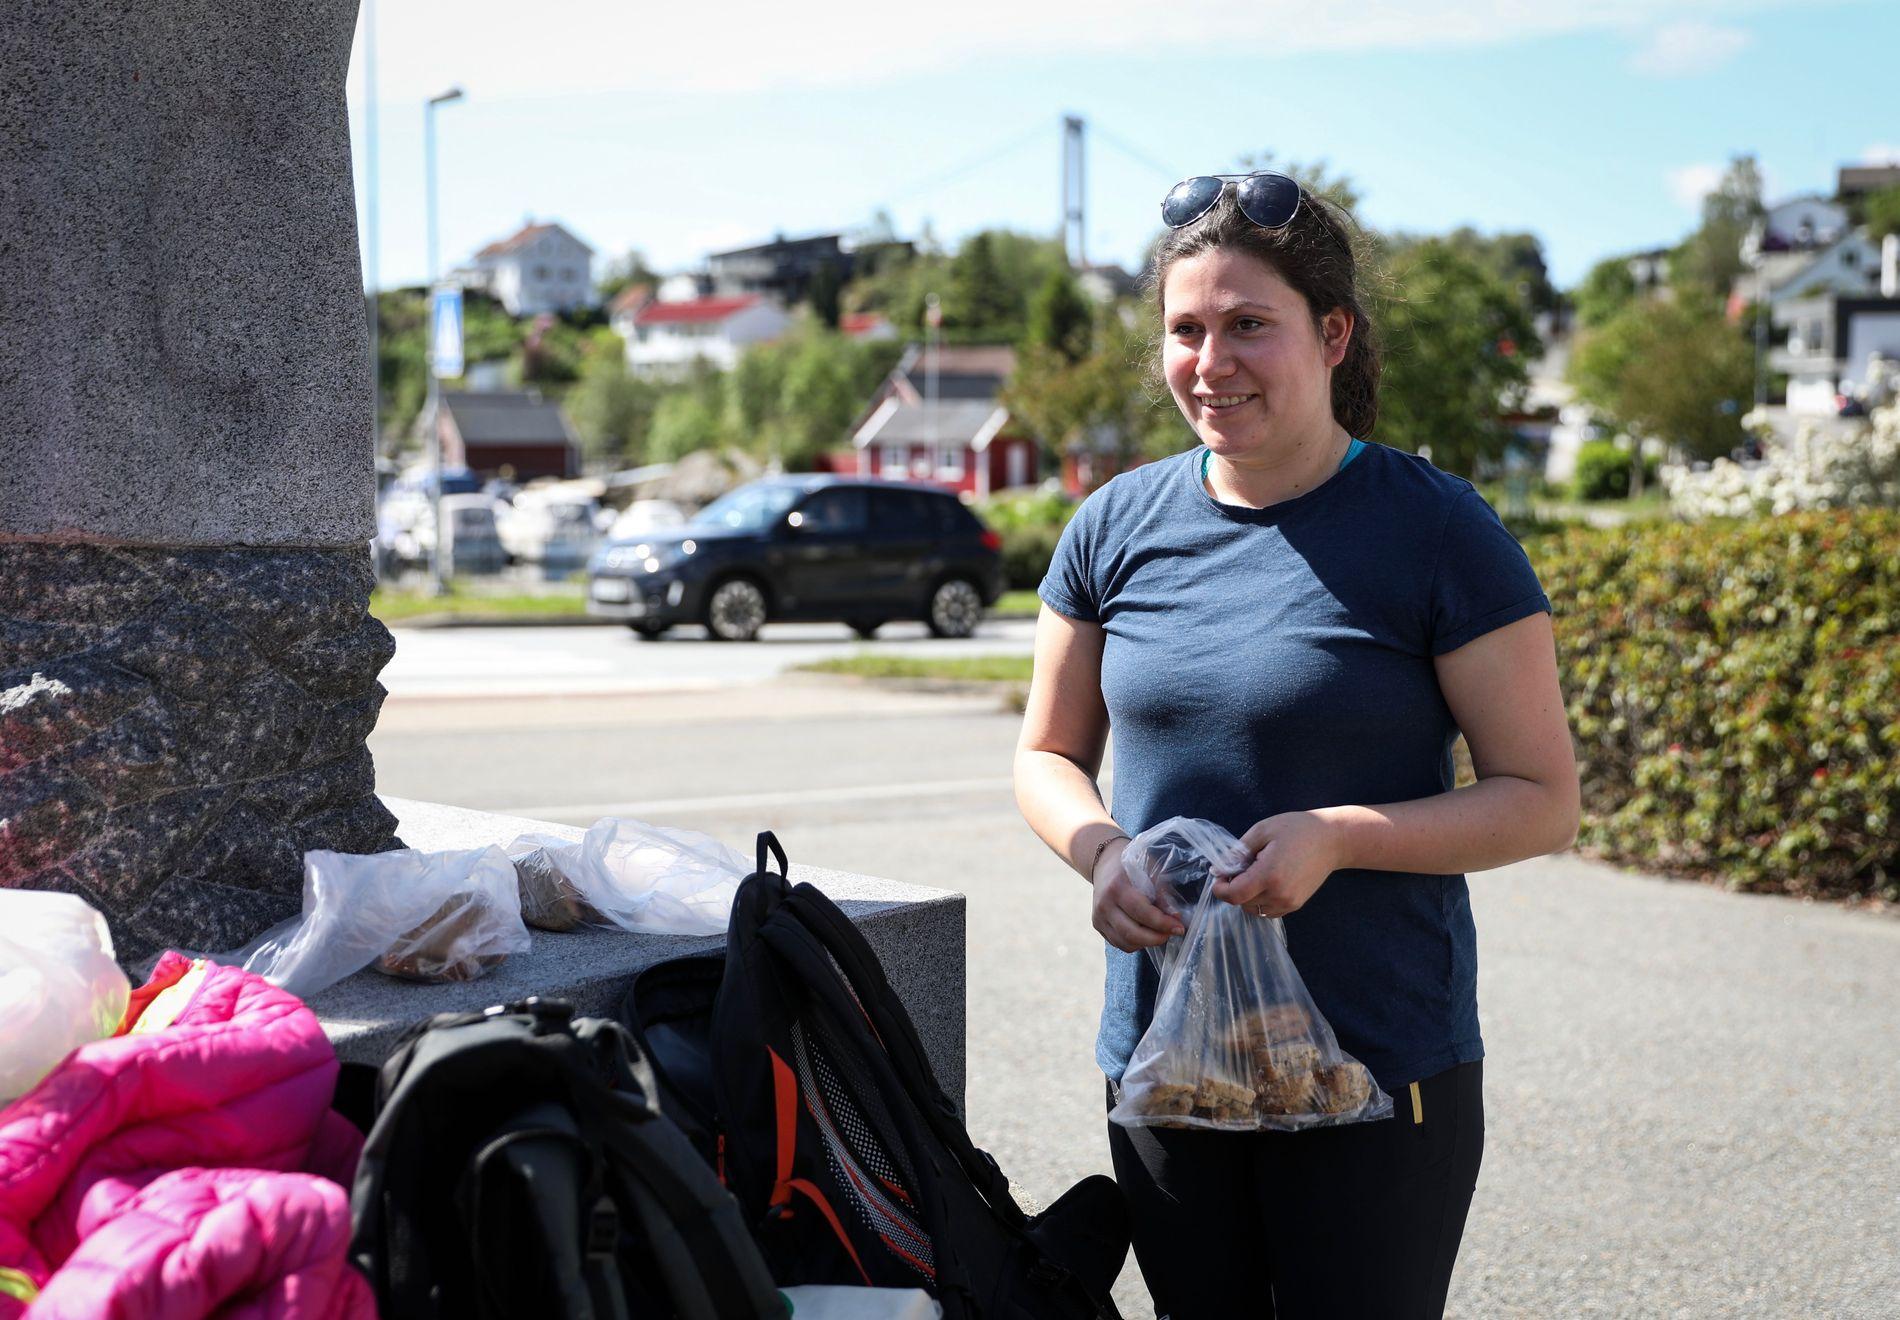 IKKE UVANLIG: Barnehagelærer Charlotte Hansen har opplevd kokevarsel flere ganger.